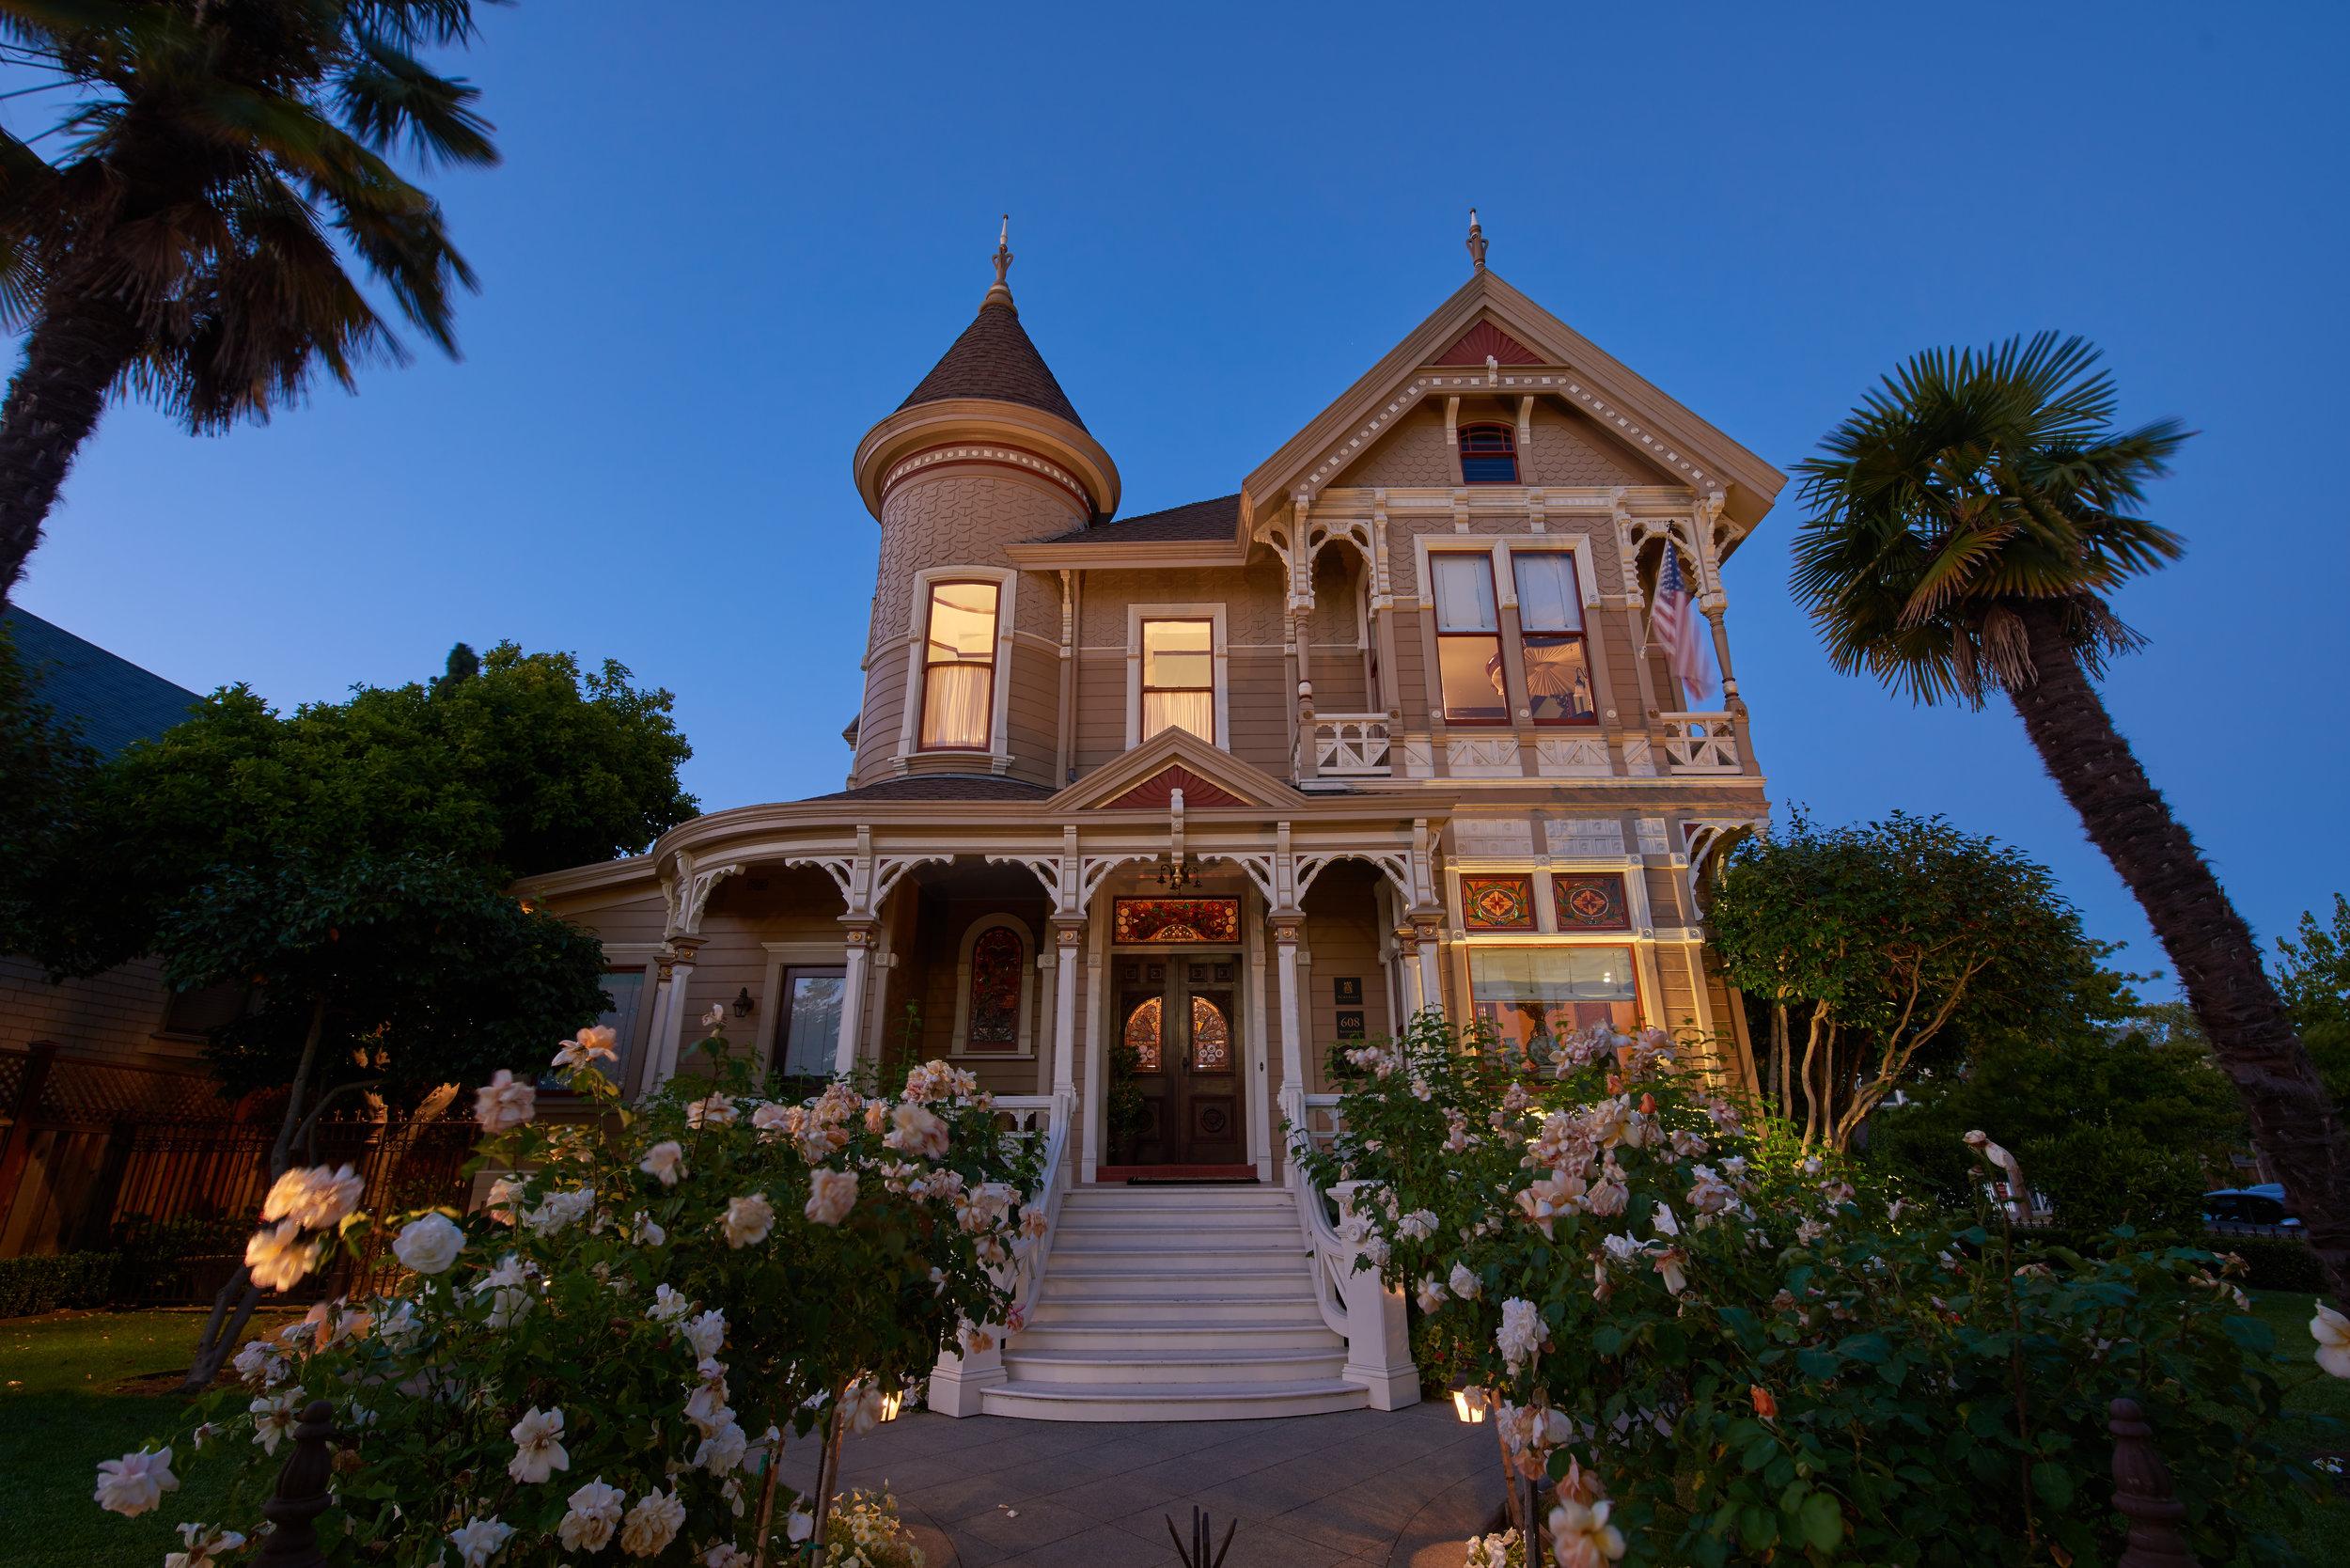 ACKERMAN HERITAGE HOUSE - NAPA, CA